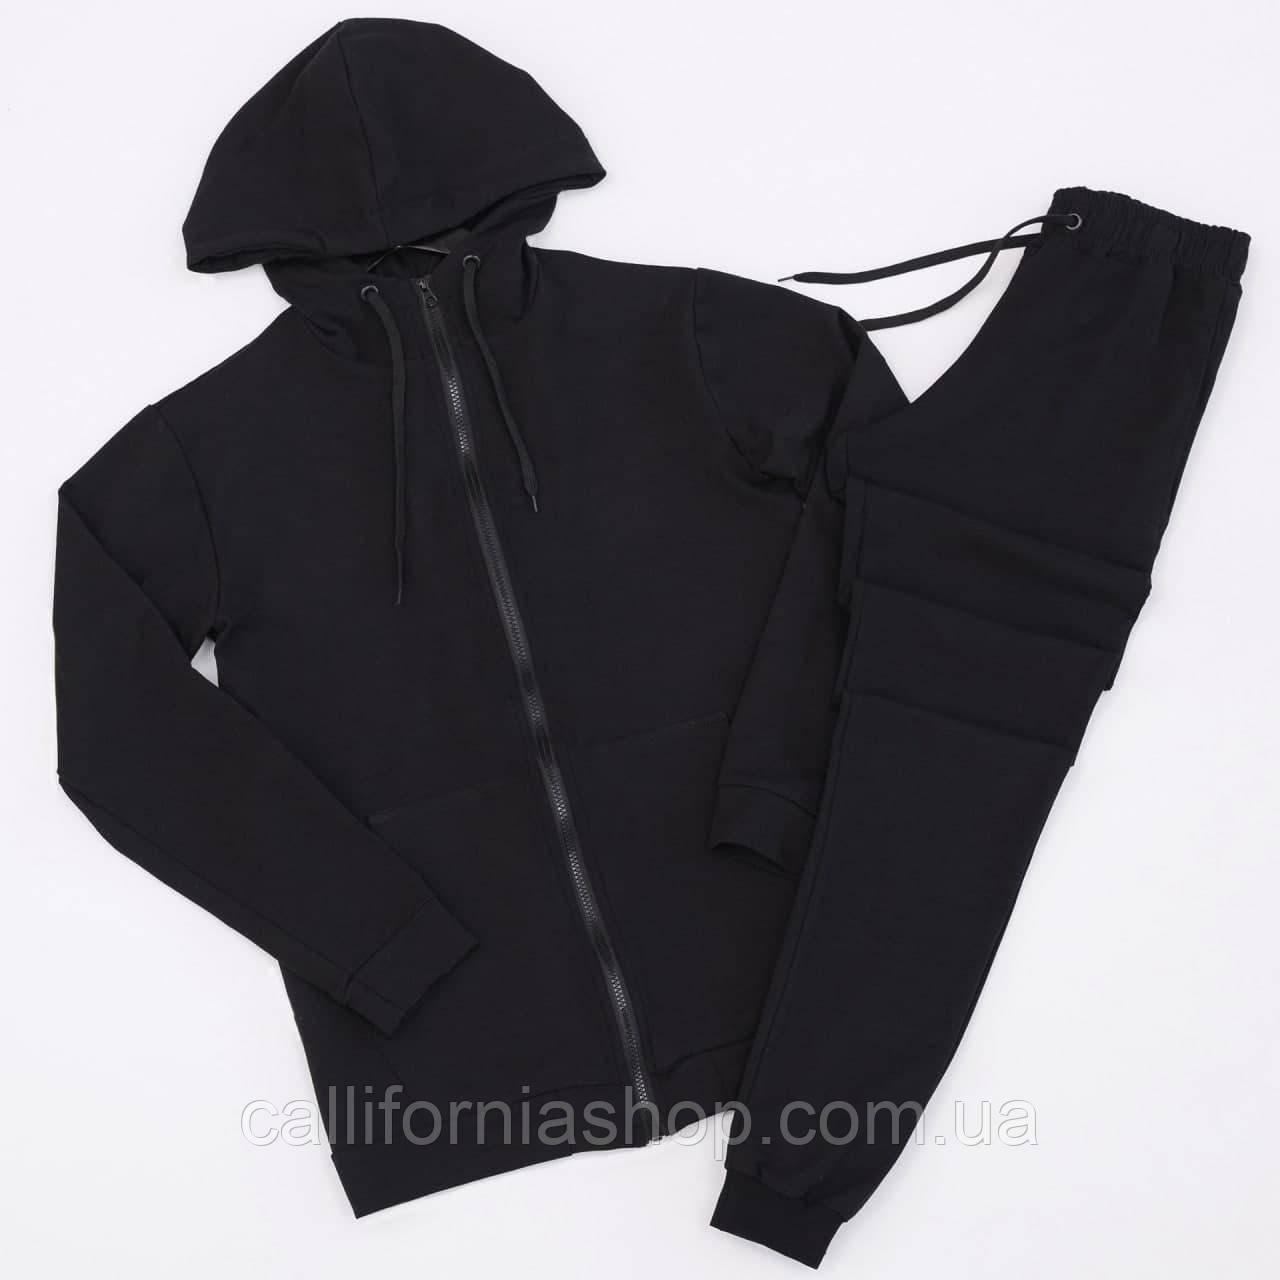 Спортивний костюм чоловічий чорний з кофтою на блискавці